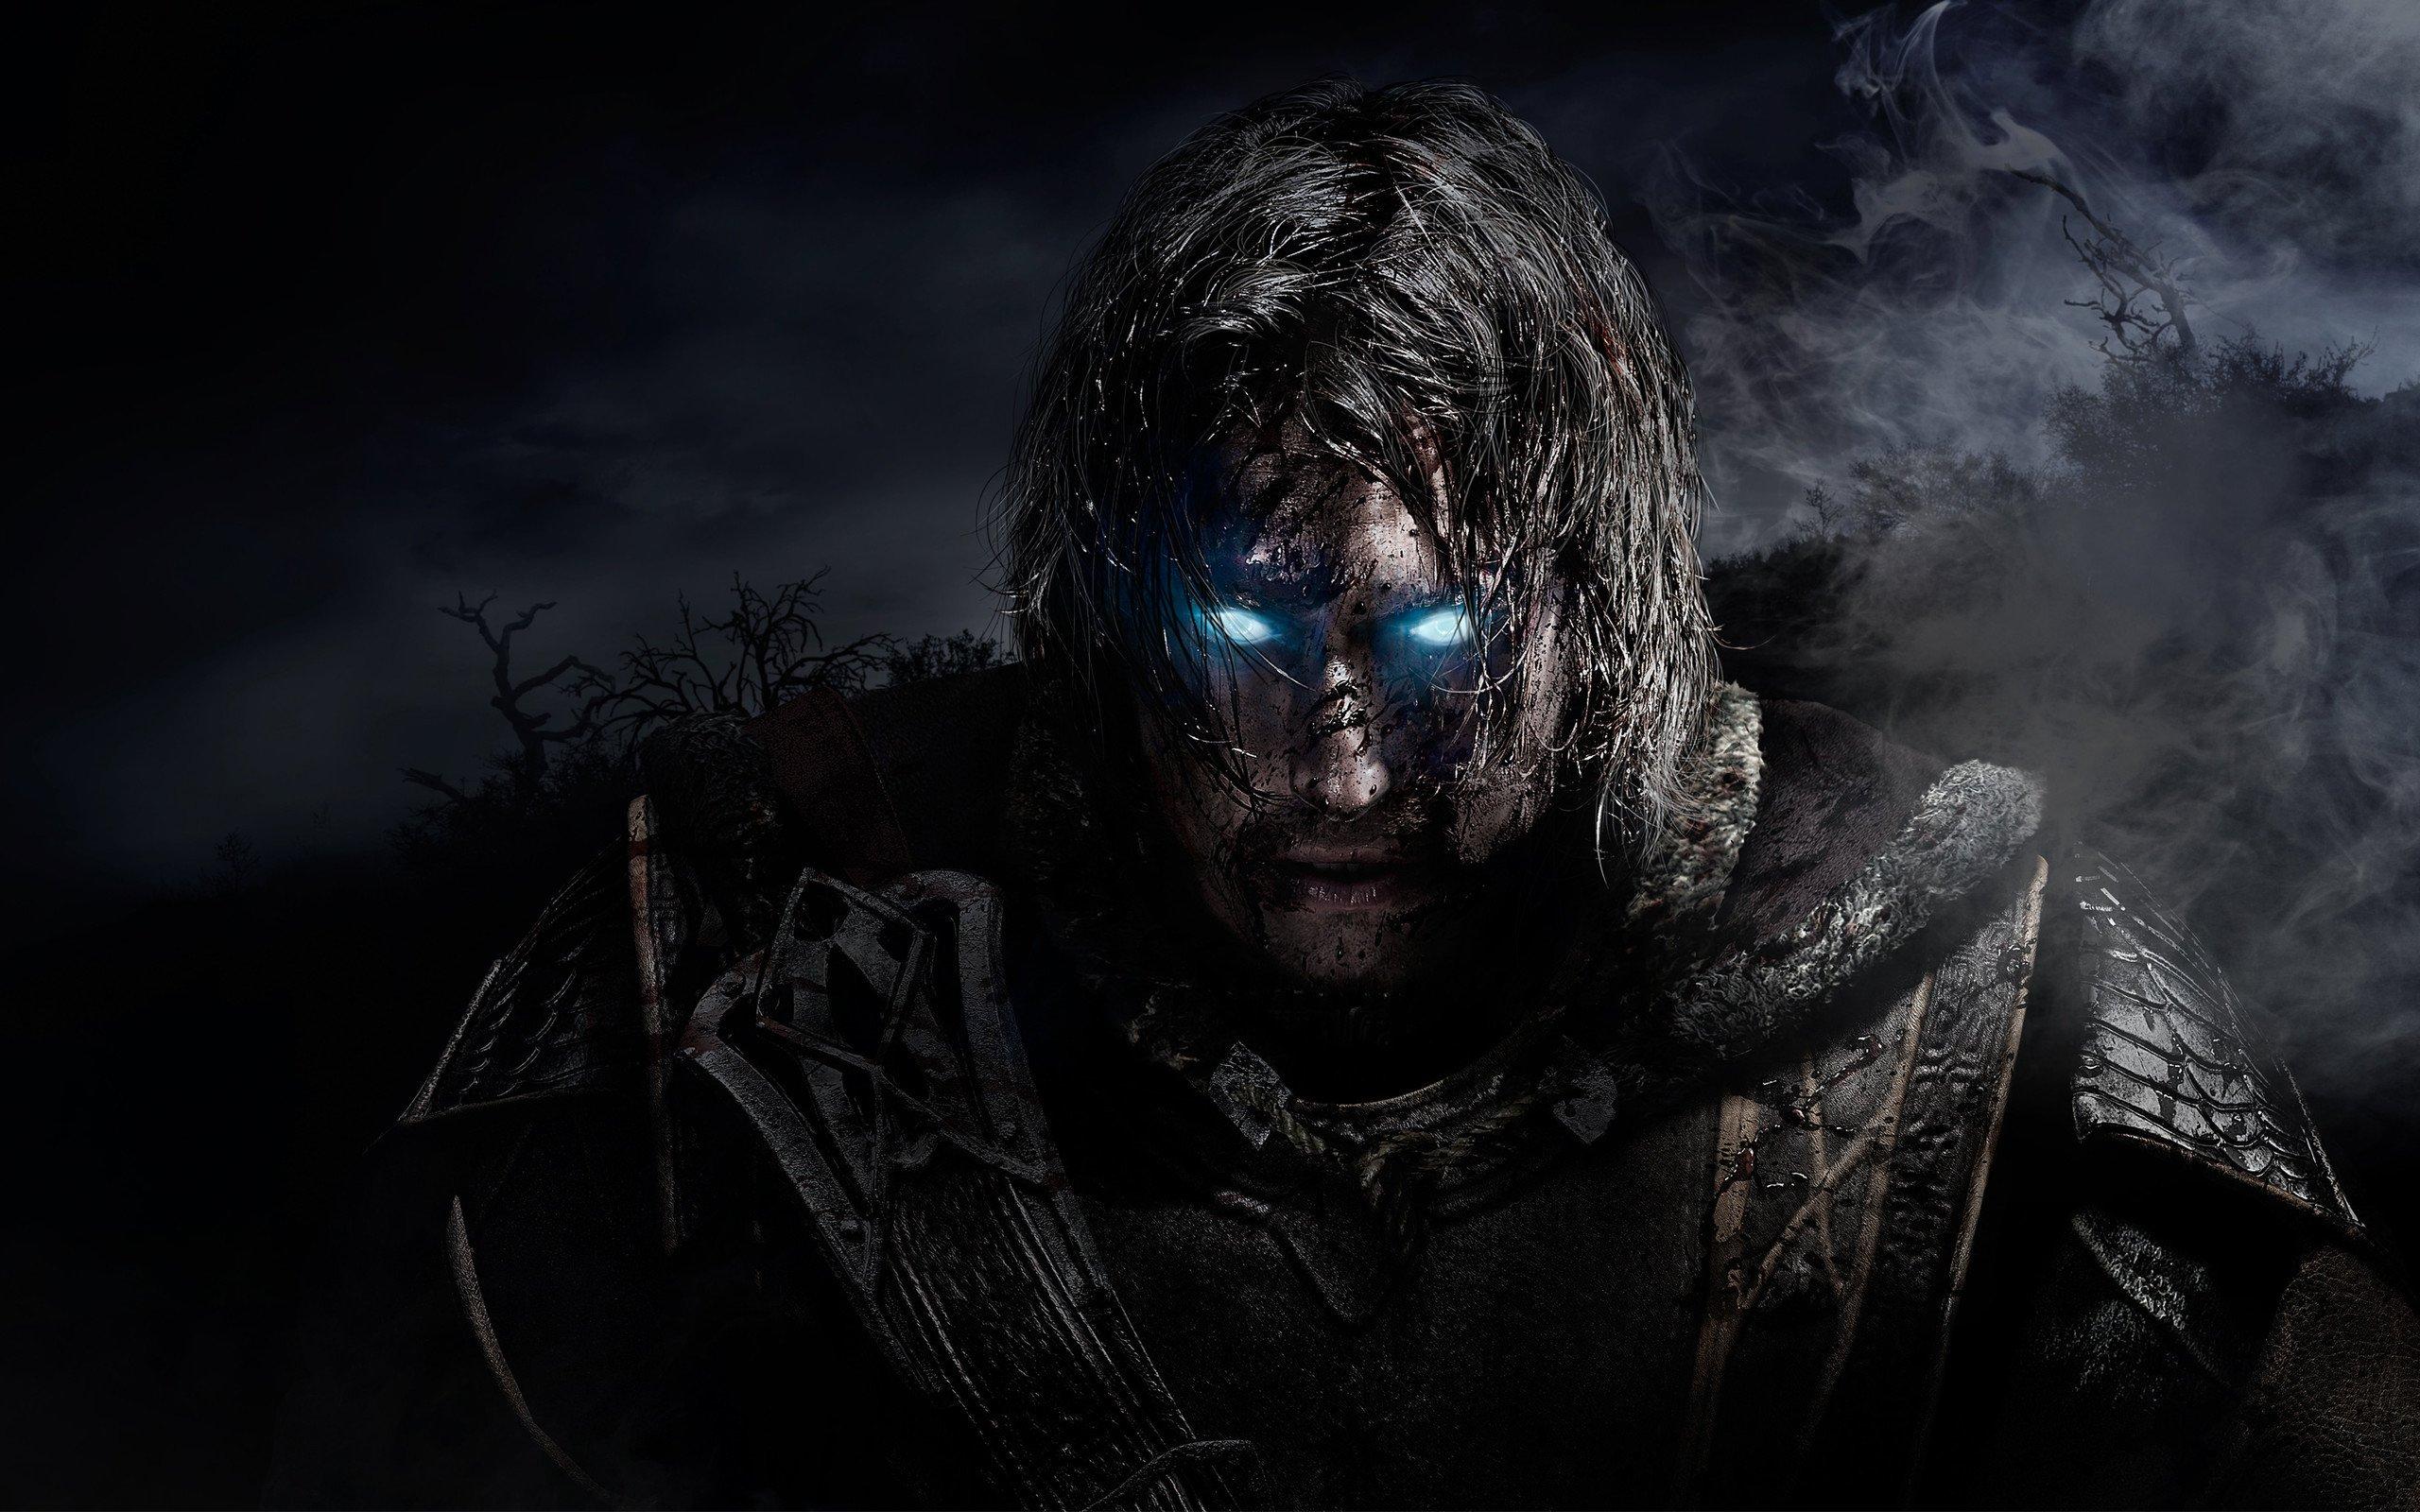 Middle-earth: Shadow of Mordor 4K Duvar kağıdı